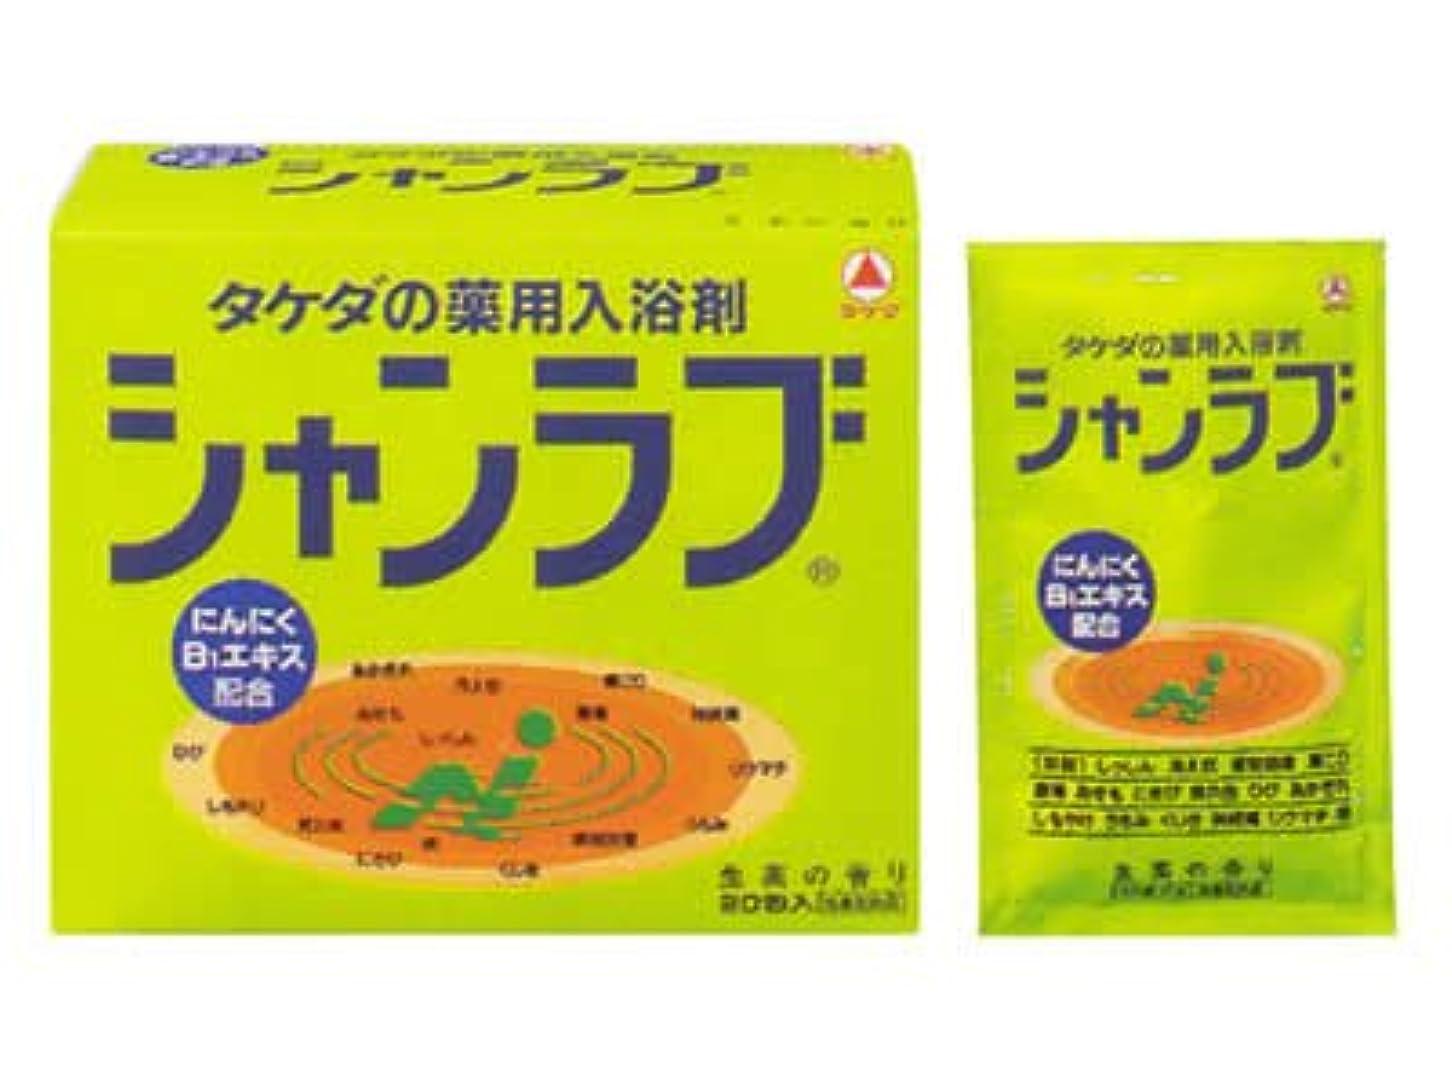 オーク落ち込んでいるリラックスした武田コンシューマーヘルスケア シャンラブ 生薬の香り 20包